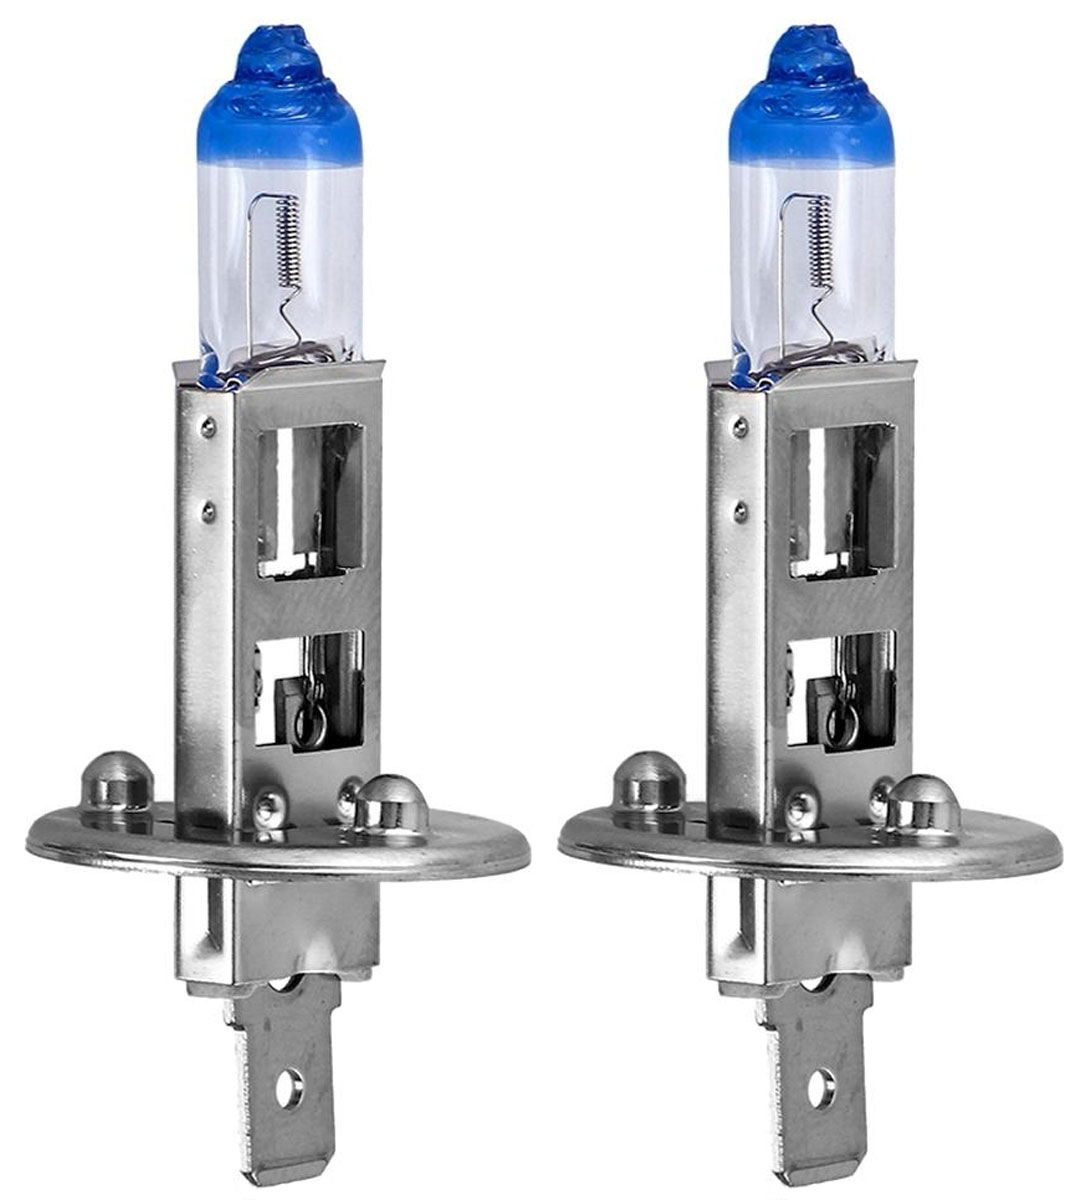 Лампа автомобильная галогенная Philips X-tremeVision, для фар, цоколь H1 (P14.5s), 12V, 55W, 2 шт10503Галогенная лампа для автомобильных фар Philips X-tremeVision изготовлена из запатентованного кварцевого стекла с УФ-фильтром Philips Quartz Glass. Кварцевое стекло в отличие от обычного стекла выдерживает гораздо большее давление и больший перепад температур. При попадании влаги на работающую лампу, лампа не взрывается и продолжает работать. Автомобильные лампы Philips X-tremeVision обладают повышенной яркостью, обеспечивая на 130% больше света на дороге. Такие лампы позволяют увеличить видимость перед автомобилем на 45 метров, благодаря чему вы можете видеть дальше, реагировать быстрее и водить безопаснее.Яркий белый свет (3700K) на 20% белее света стандартных ламп головного освещения. Запатентованная технология Philips Gradient Coating обеспечивает более мощный световой поток, максимальную яркость и невероятный комфорт в темное время суток. Лампы Philips X-tremeVision созданы для долгой и надежной службы. Они гарантируют хороший обзор и видимость на дороге в течение длительного времени.